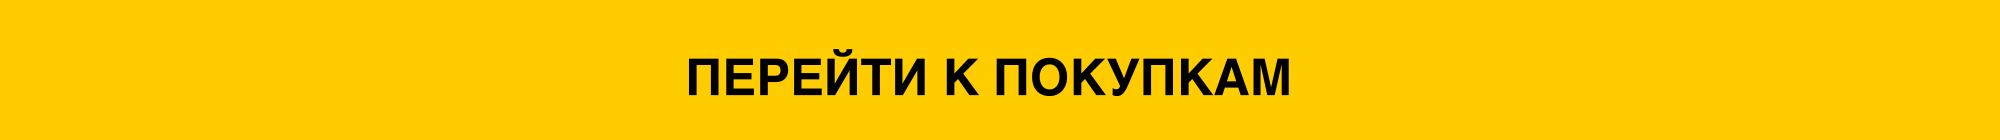 к_покупкам.png